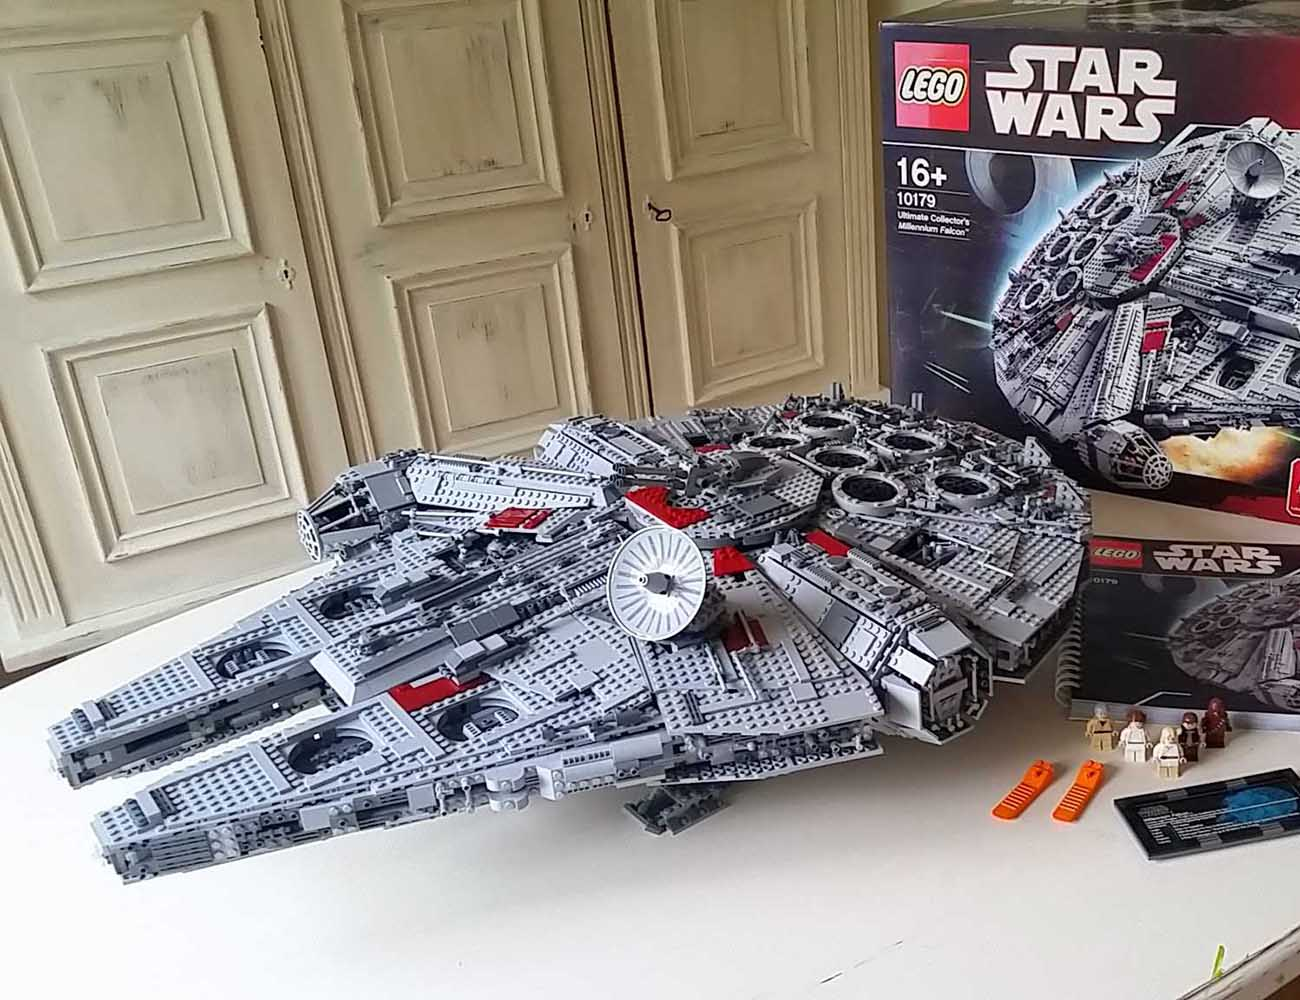 LEGO+Star+Wars+Millennium+Falcon